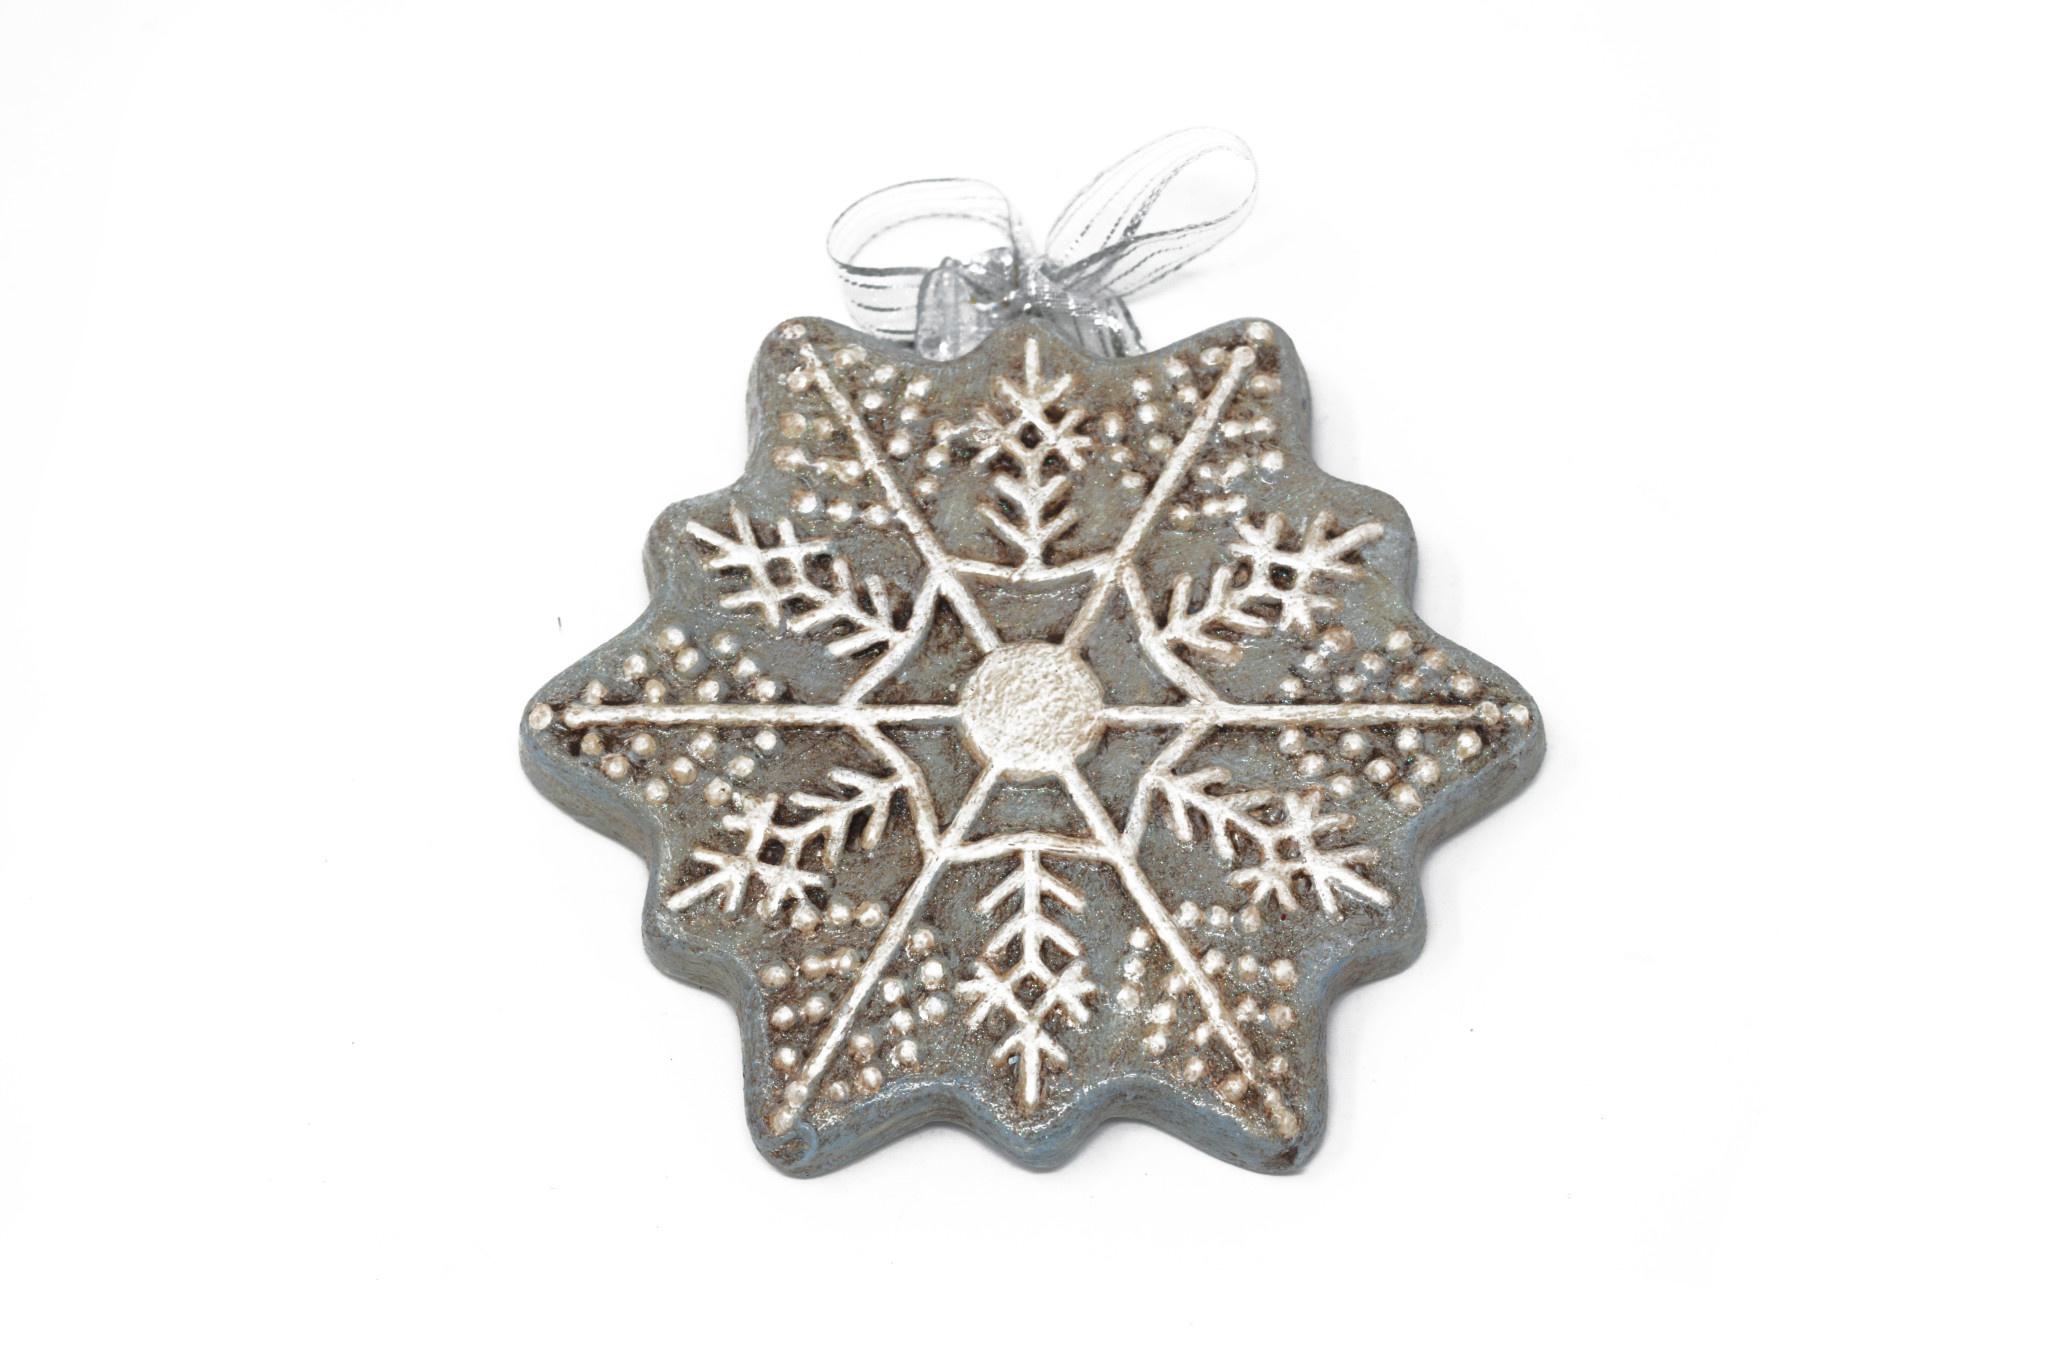 Bees Wax Ornament-2